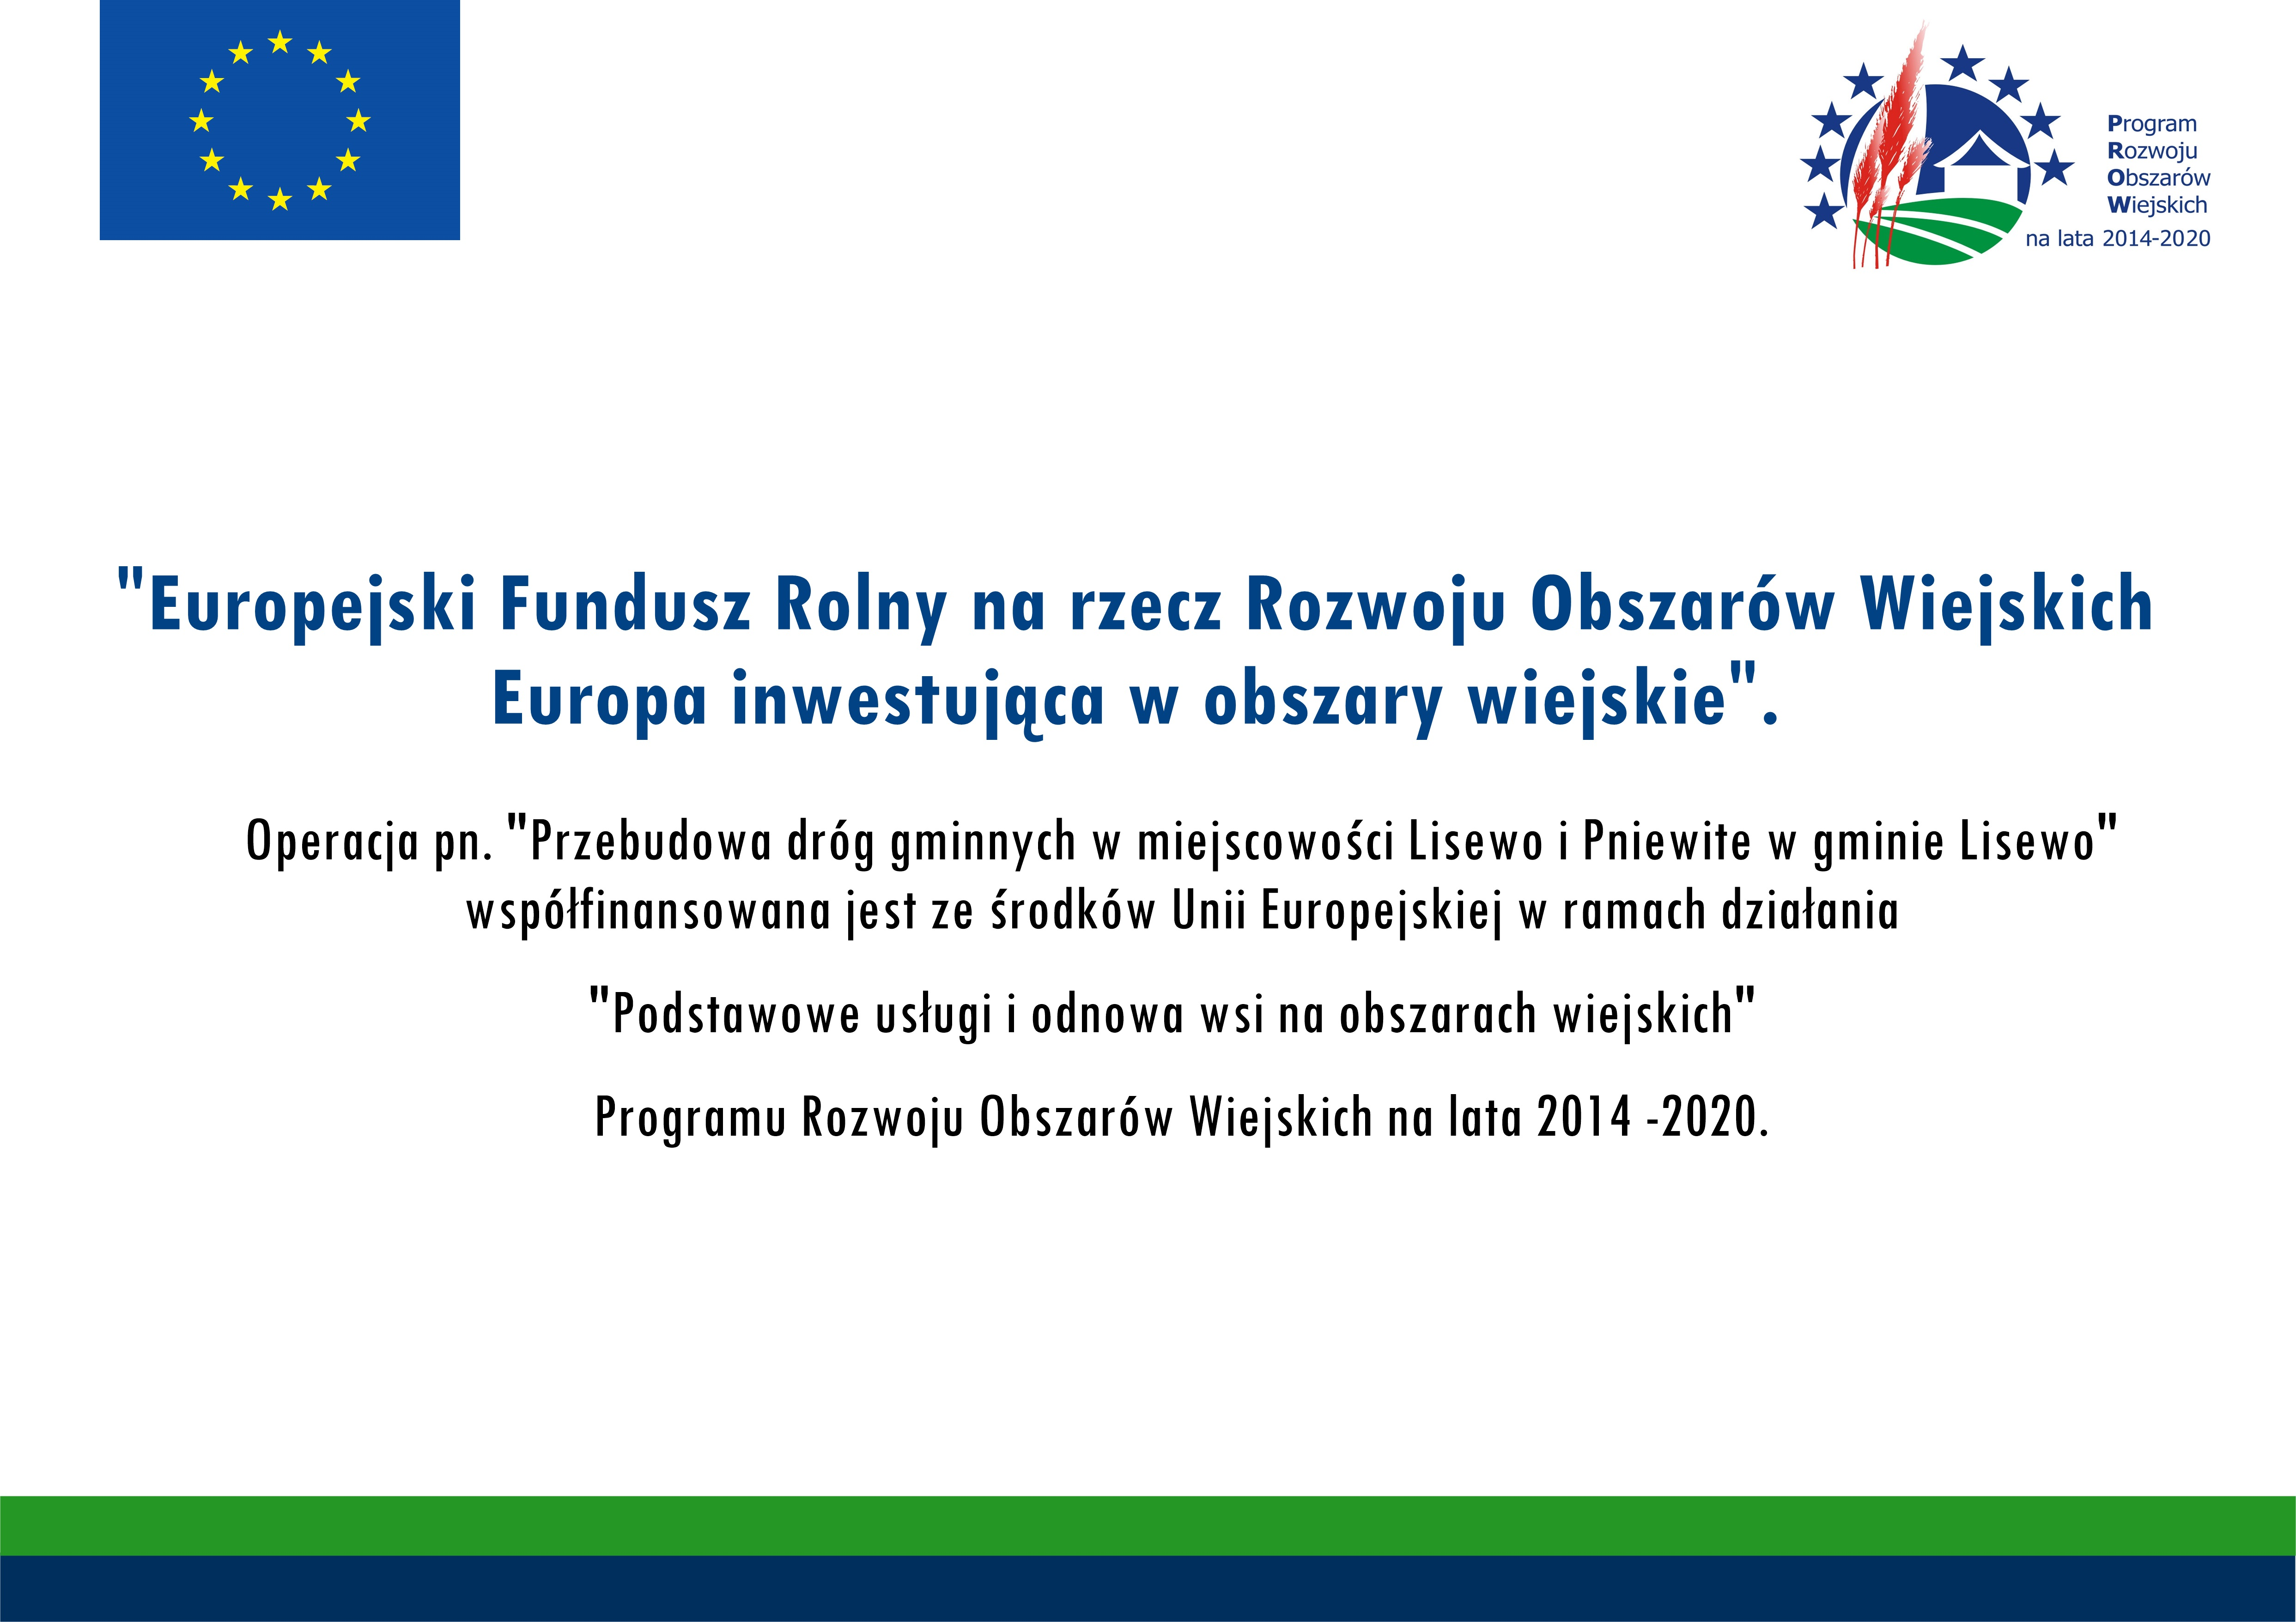 Tablica informacyjna dotycząca dofinansowania przebudowy drogi w Pniewitem